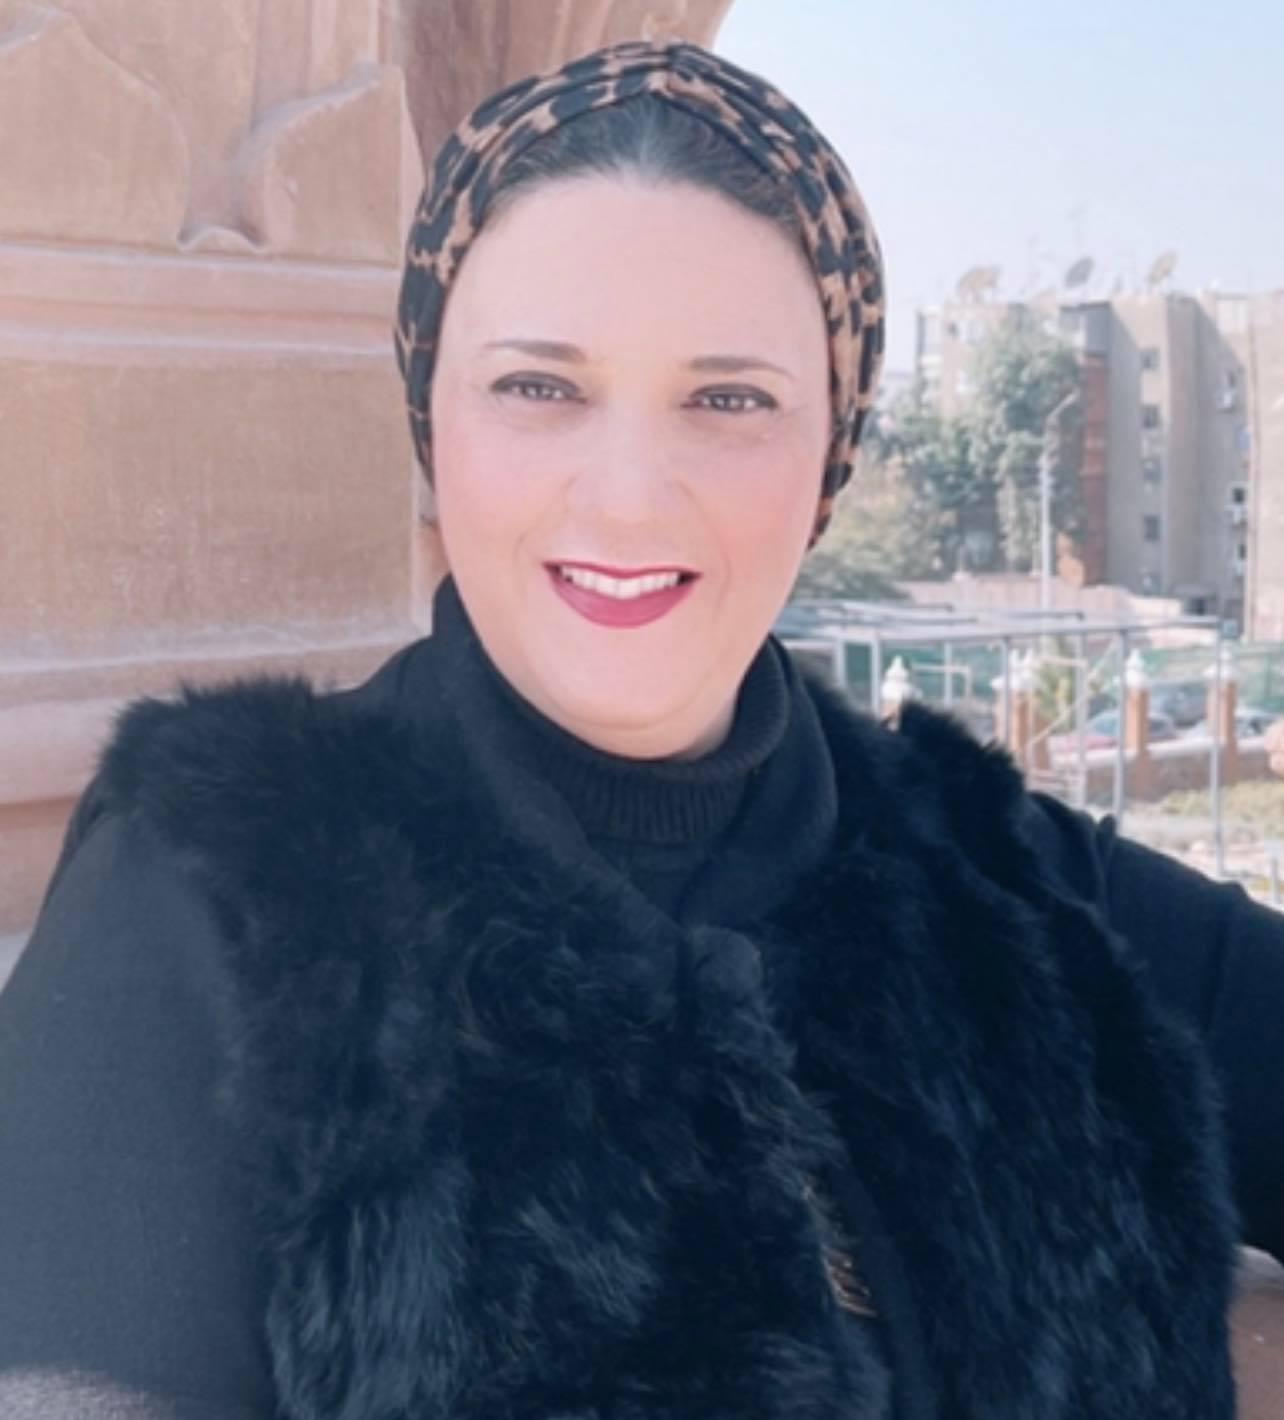 6 نصائح من ائتلاف أولياء أمور مصر للمذاكرة اثناء موجة الطقس السيء